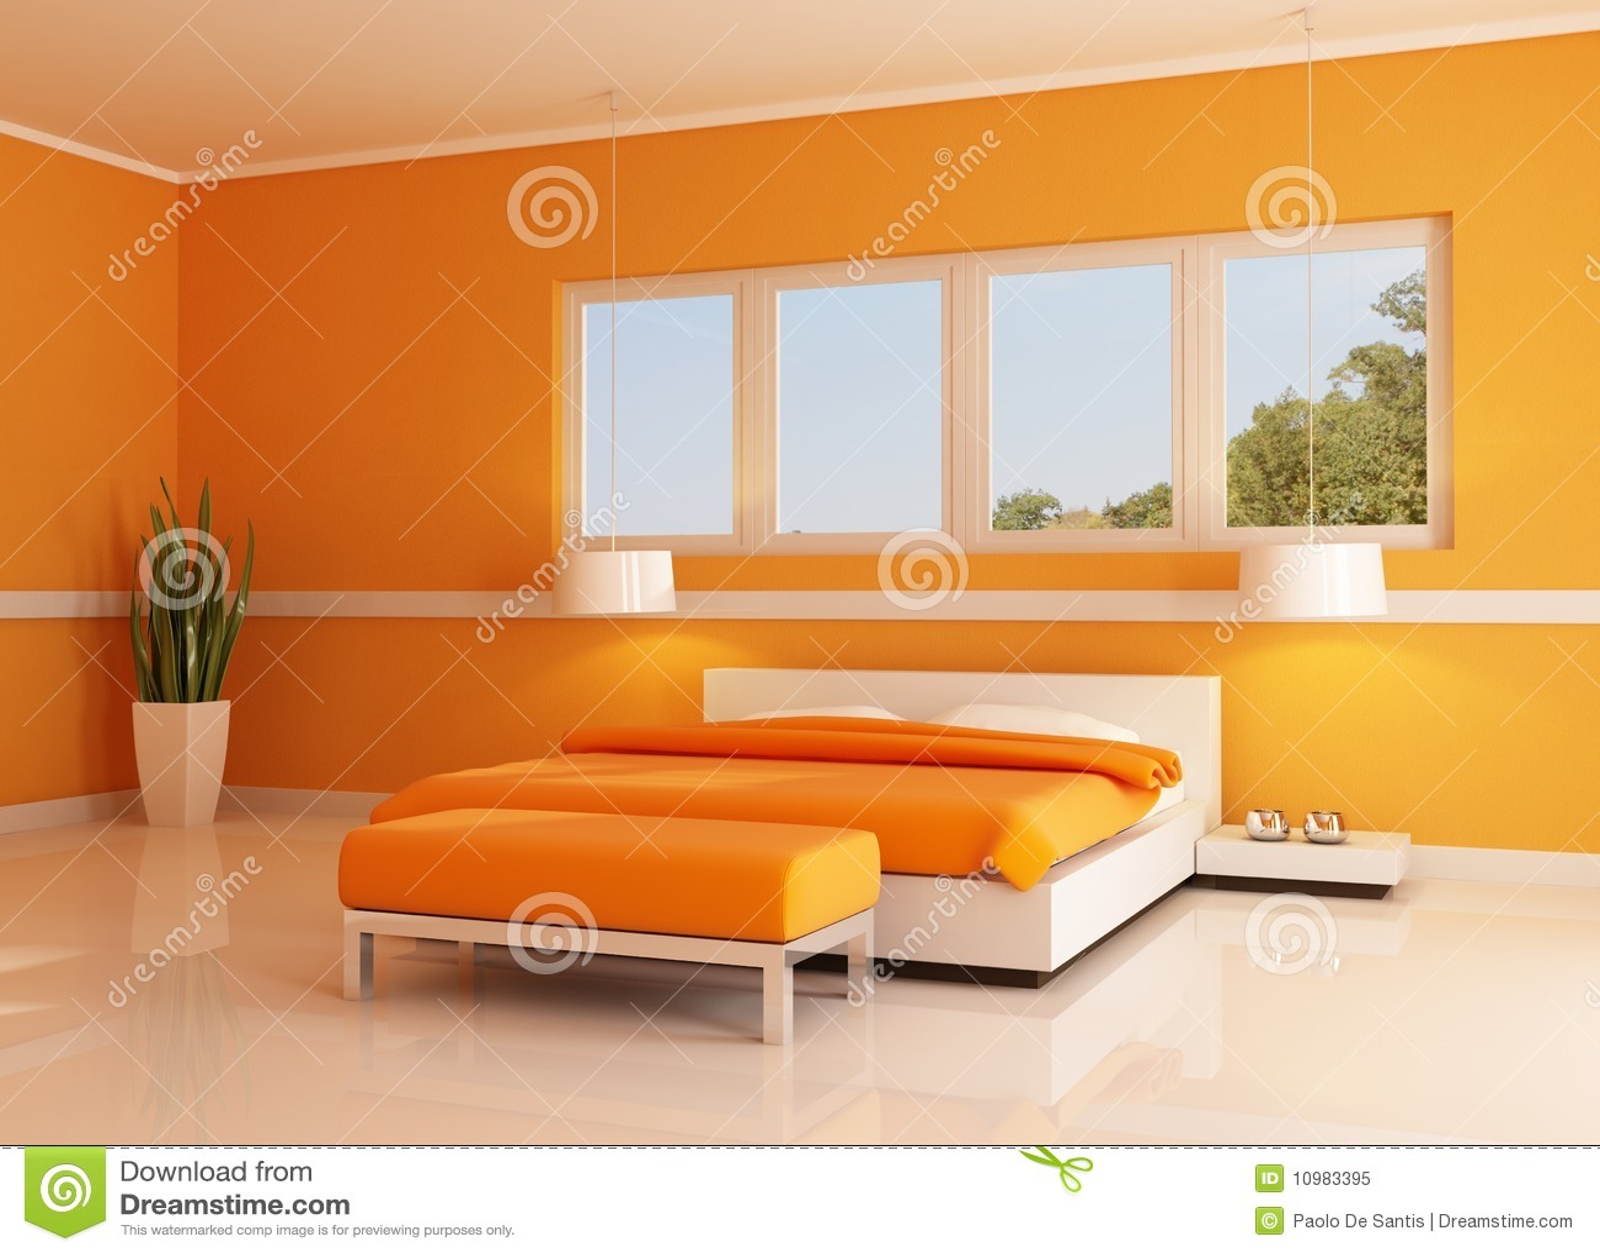 Camera Da Letto Arancione Moderna Illustrazione di Stock ...